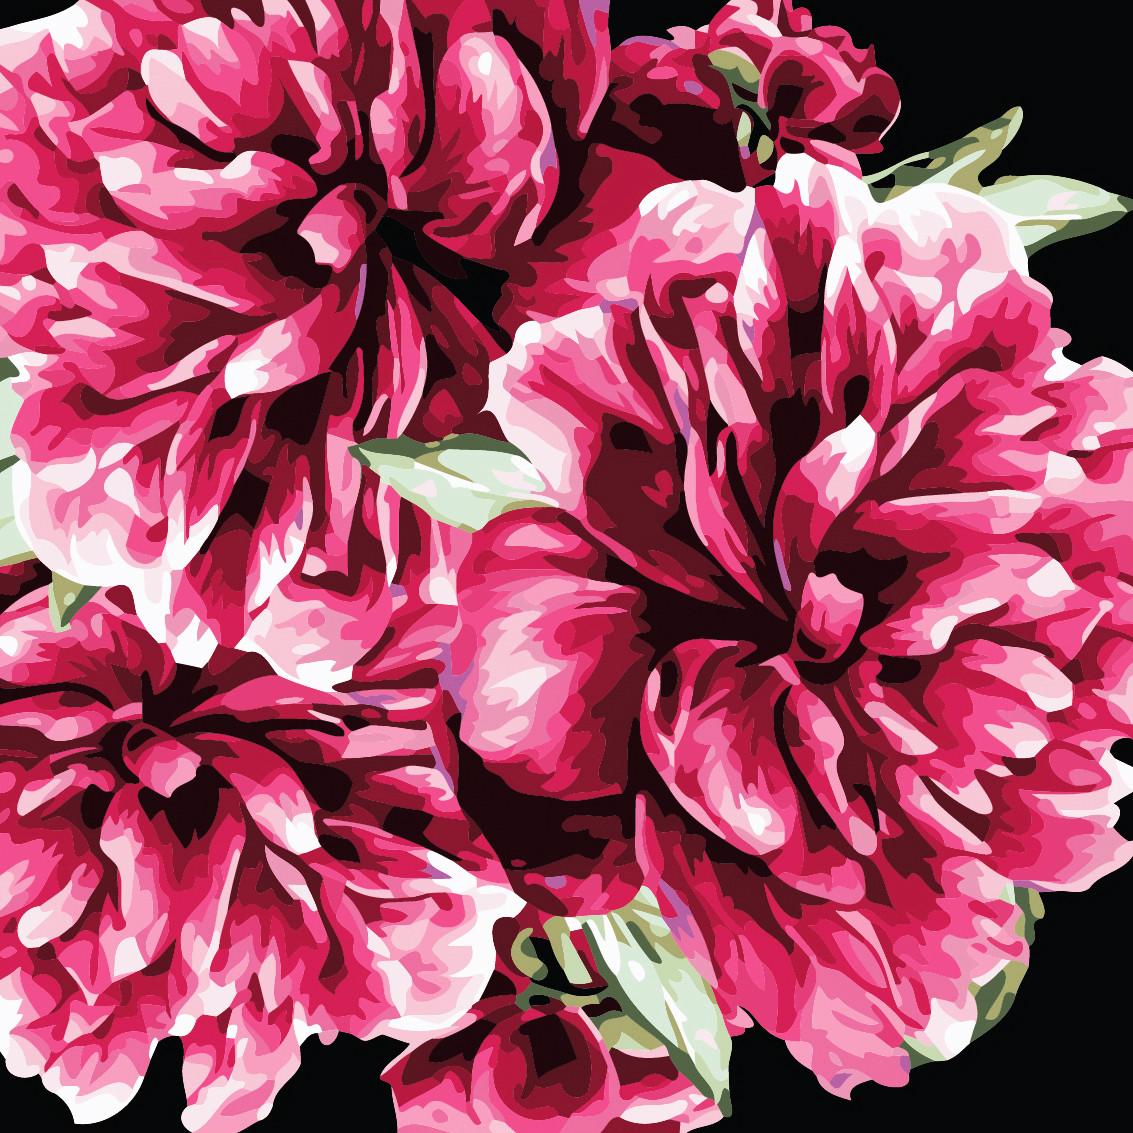 Художественный творческий набор, картина по номерам Цветы для тебя, 40x40 см, «Art Story» (AS0503)